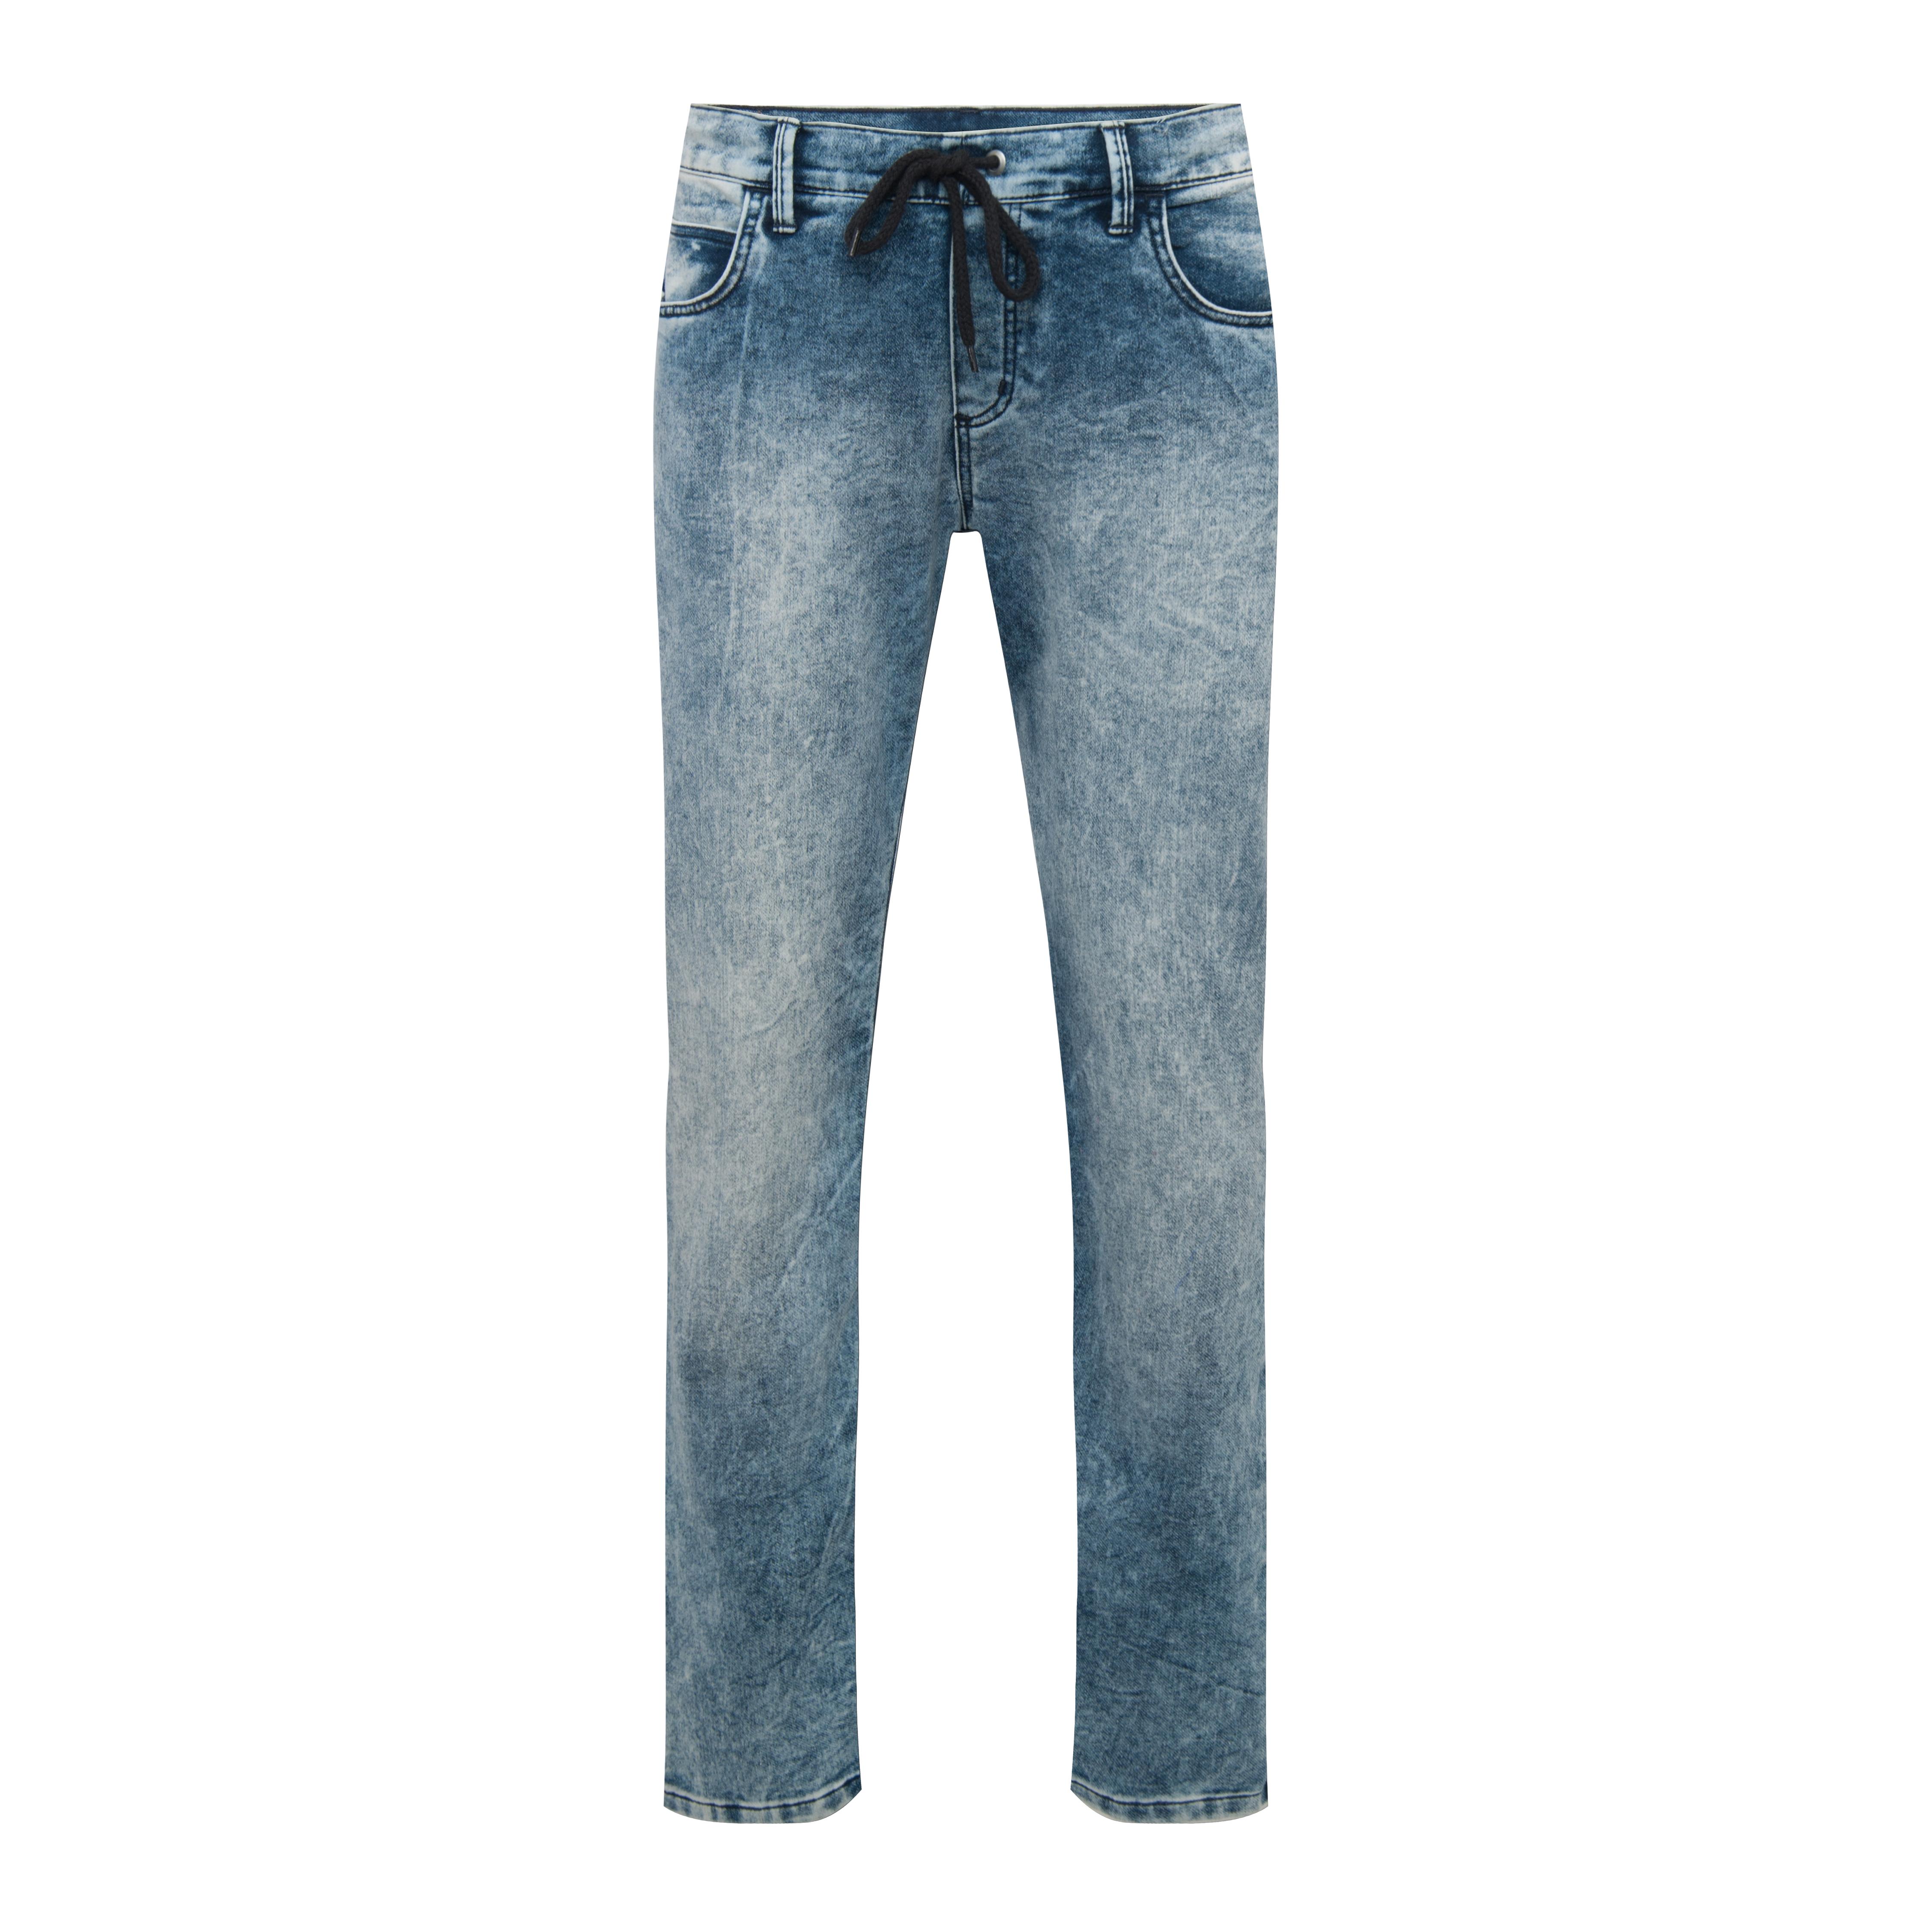 Calça jeans Reserva para C&A - 129,99 reais